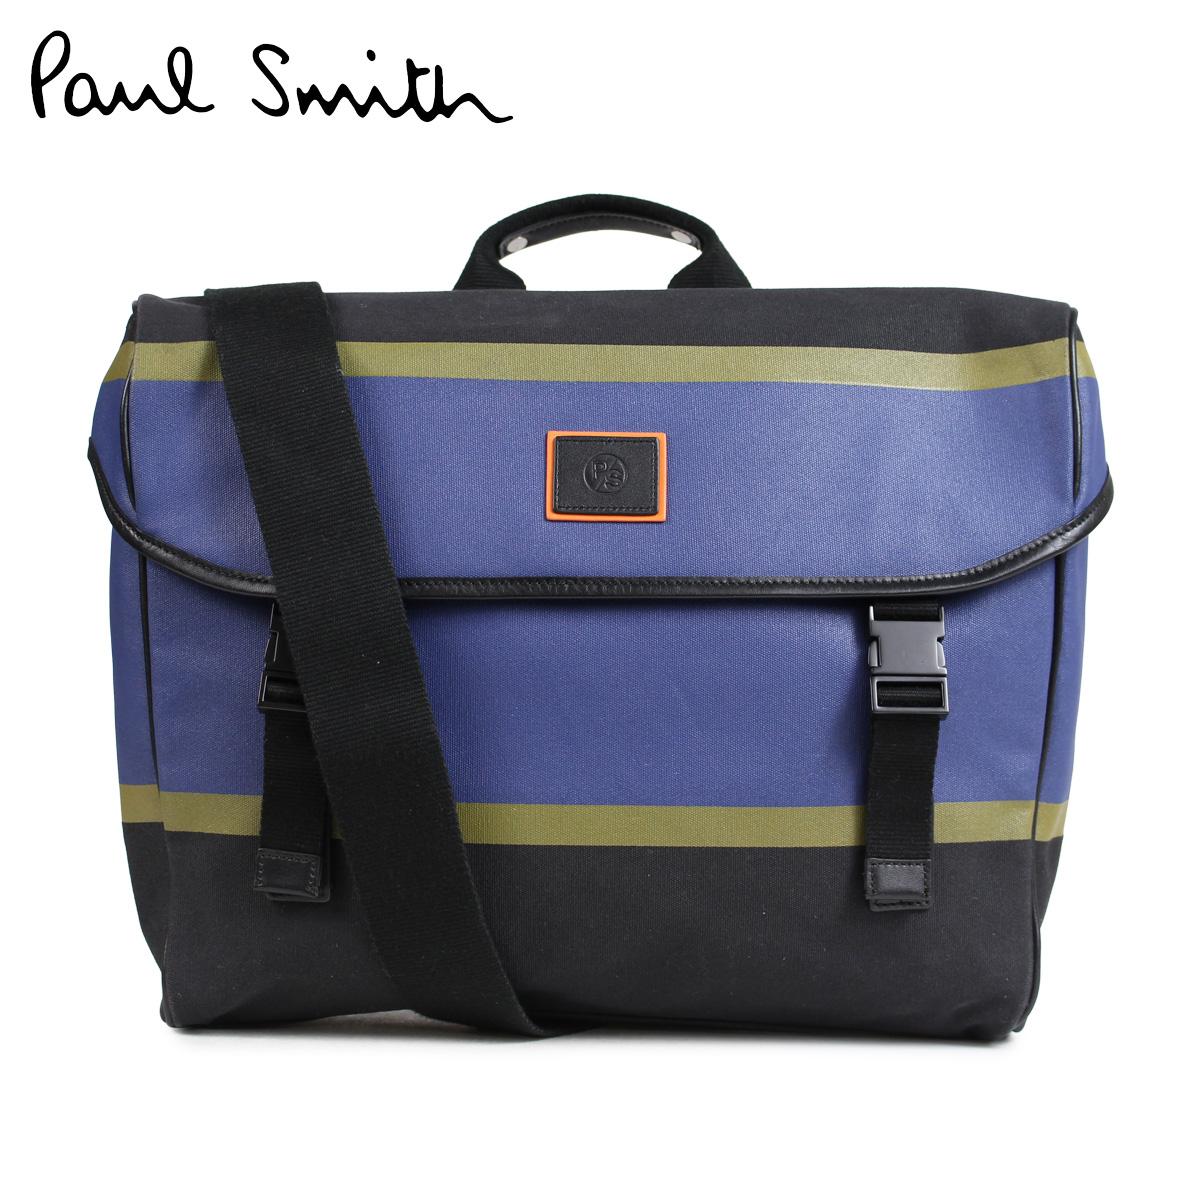 Paul Smith バッグ ポールスミス メッセンジャーバッグ メンズ MESSENGER BAG ブラック 黒 ASXD 5007 L841